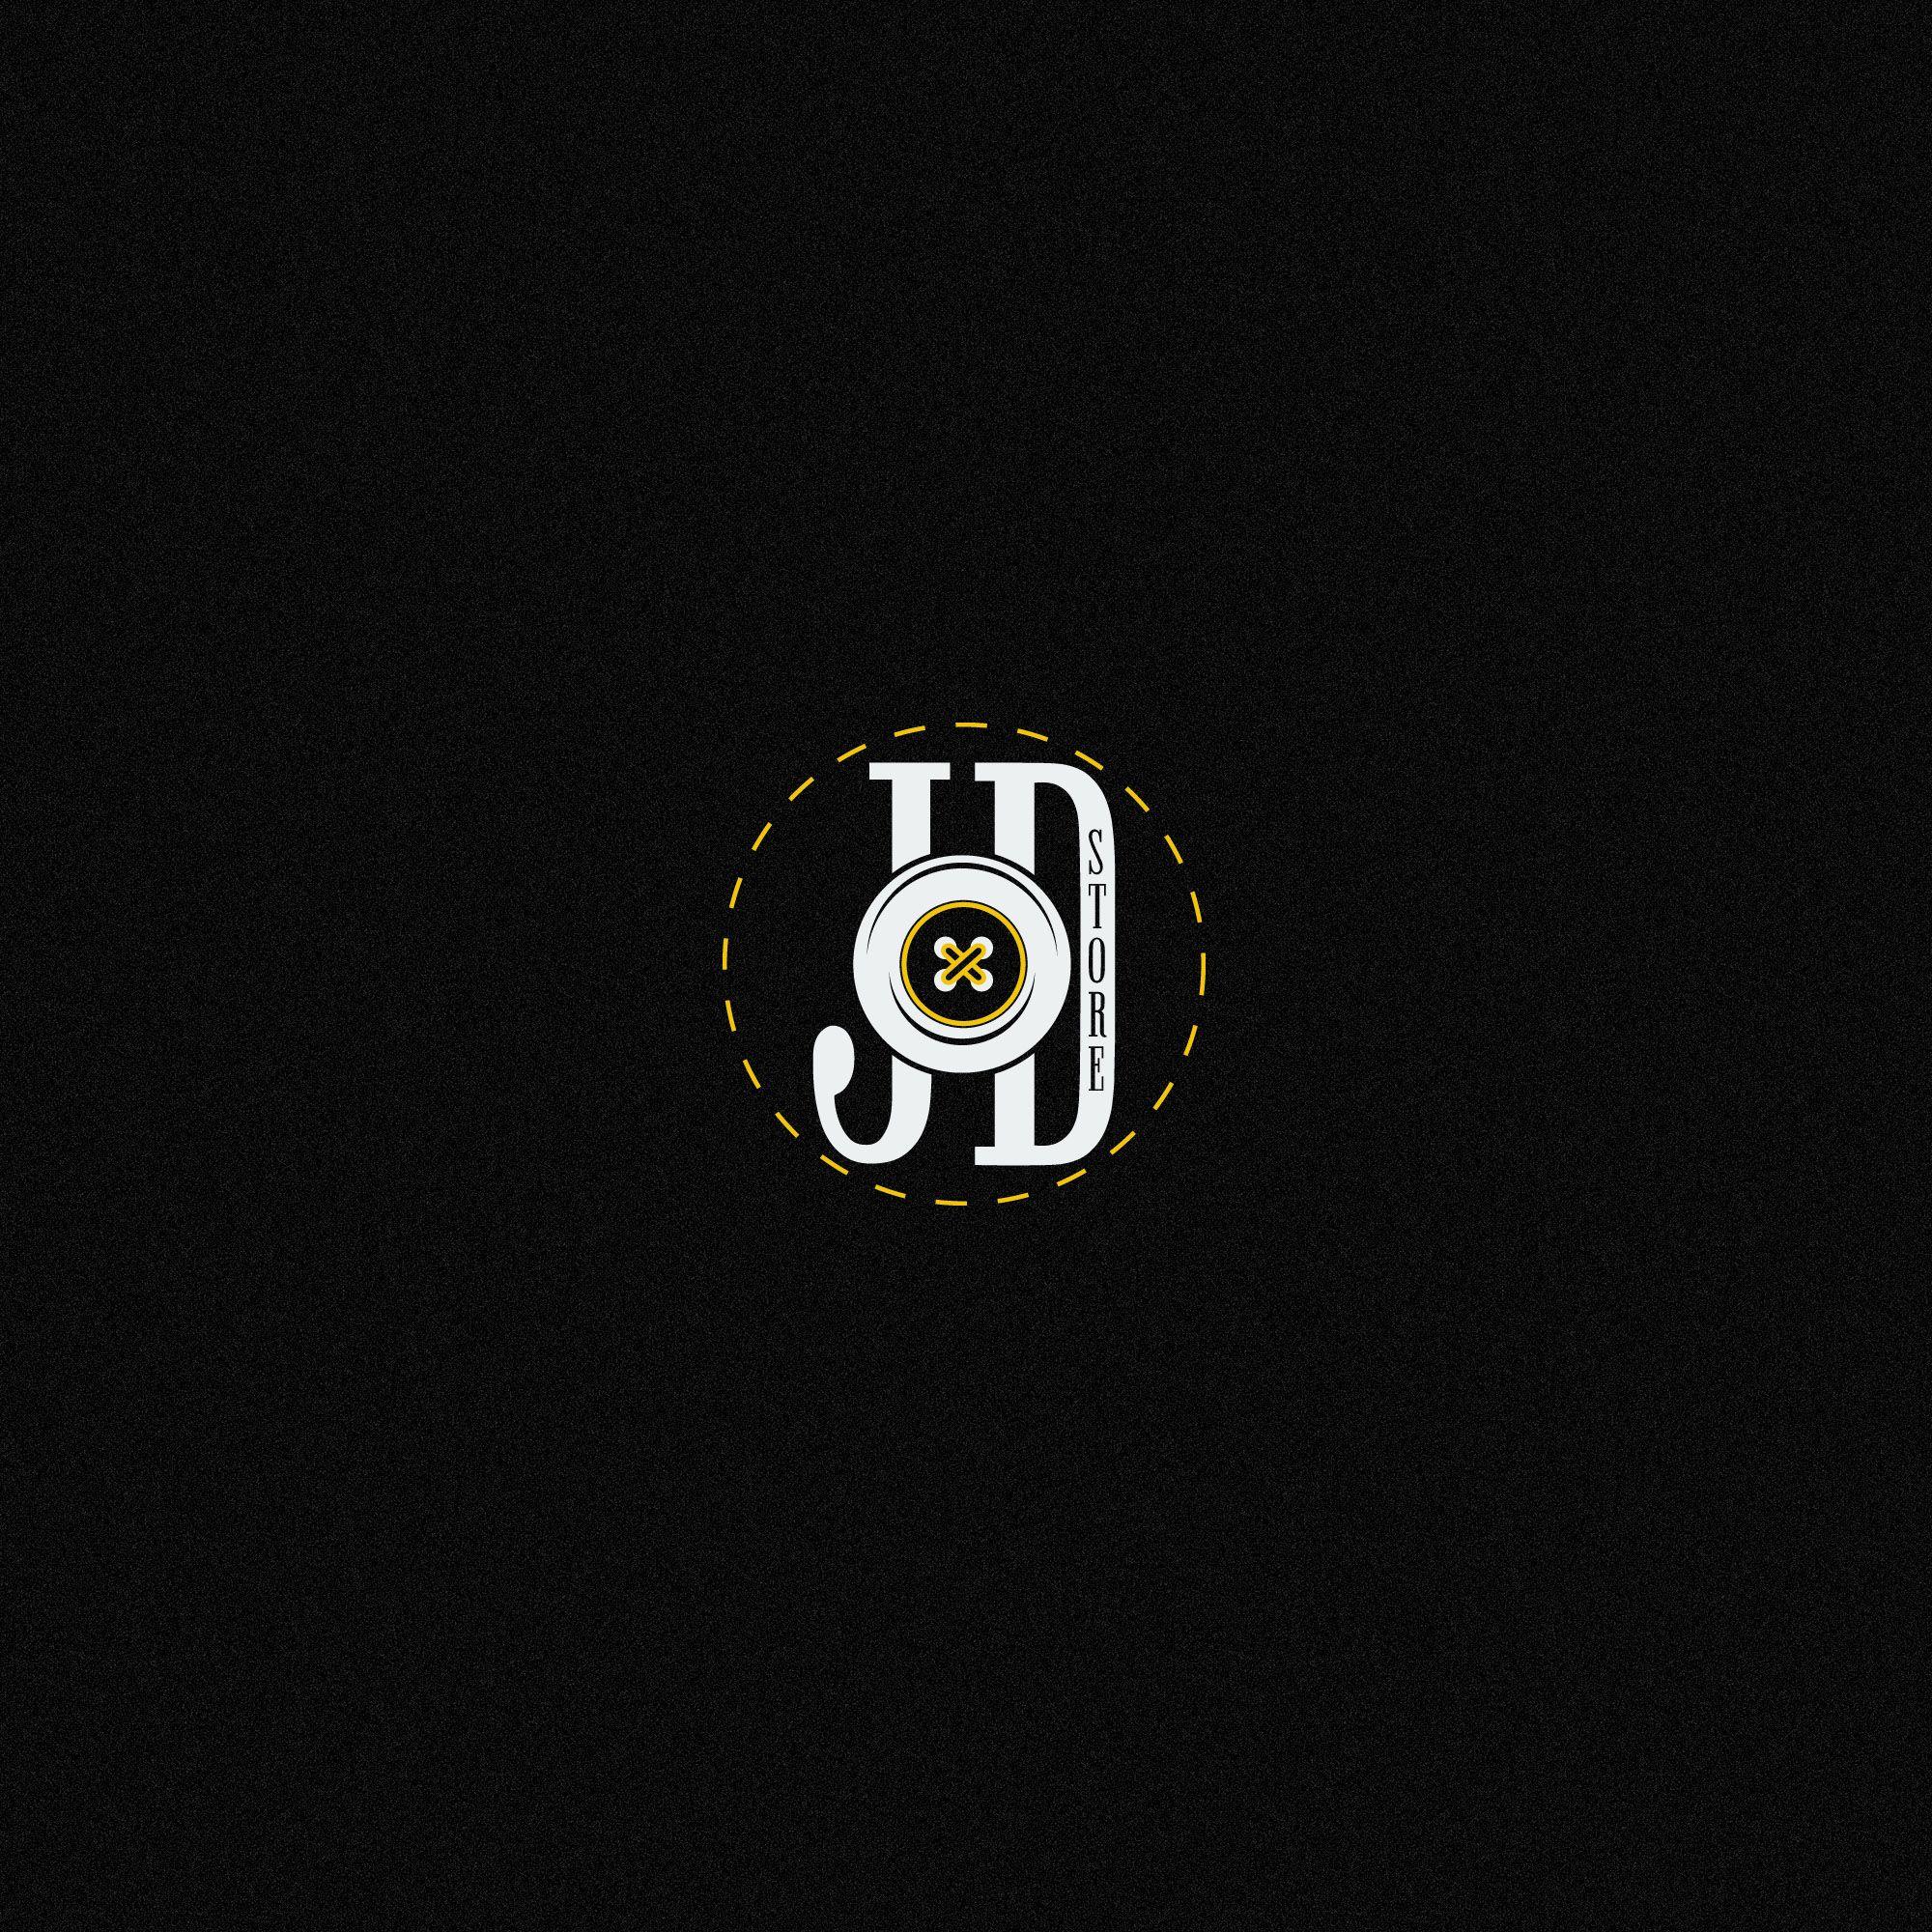 Логотип для  магазина-ателье  - дизайнер Gas-Min